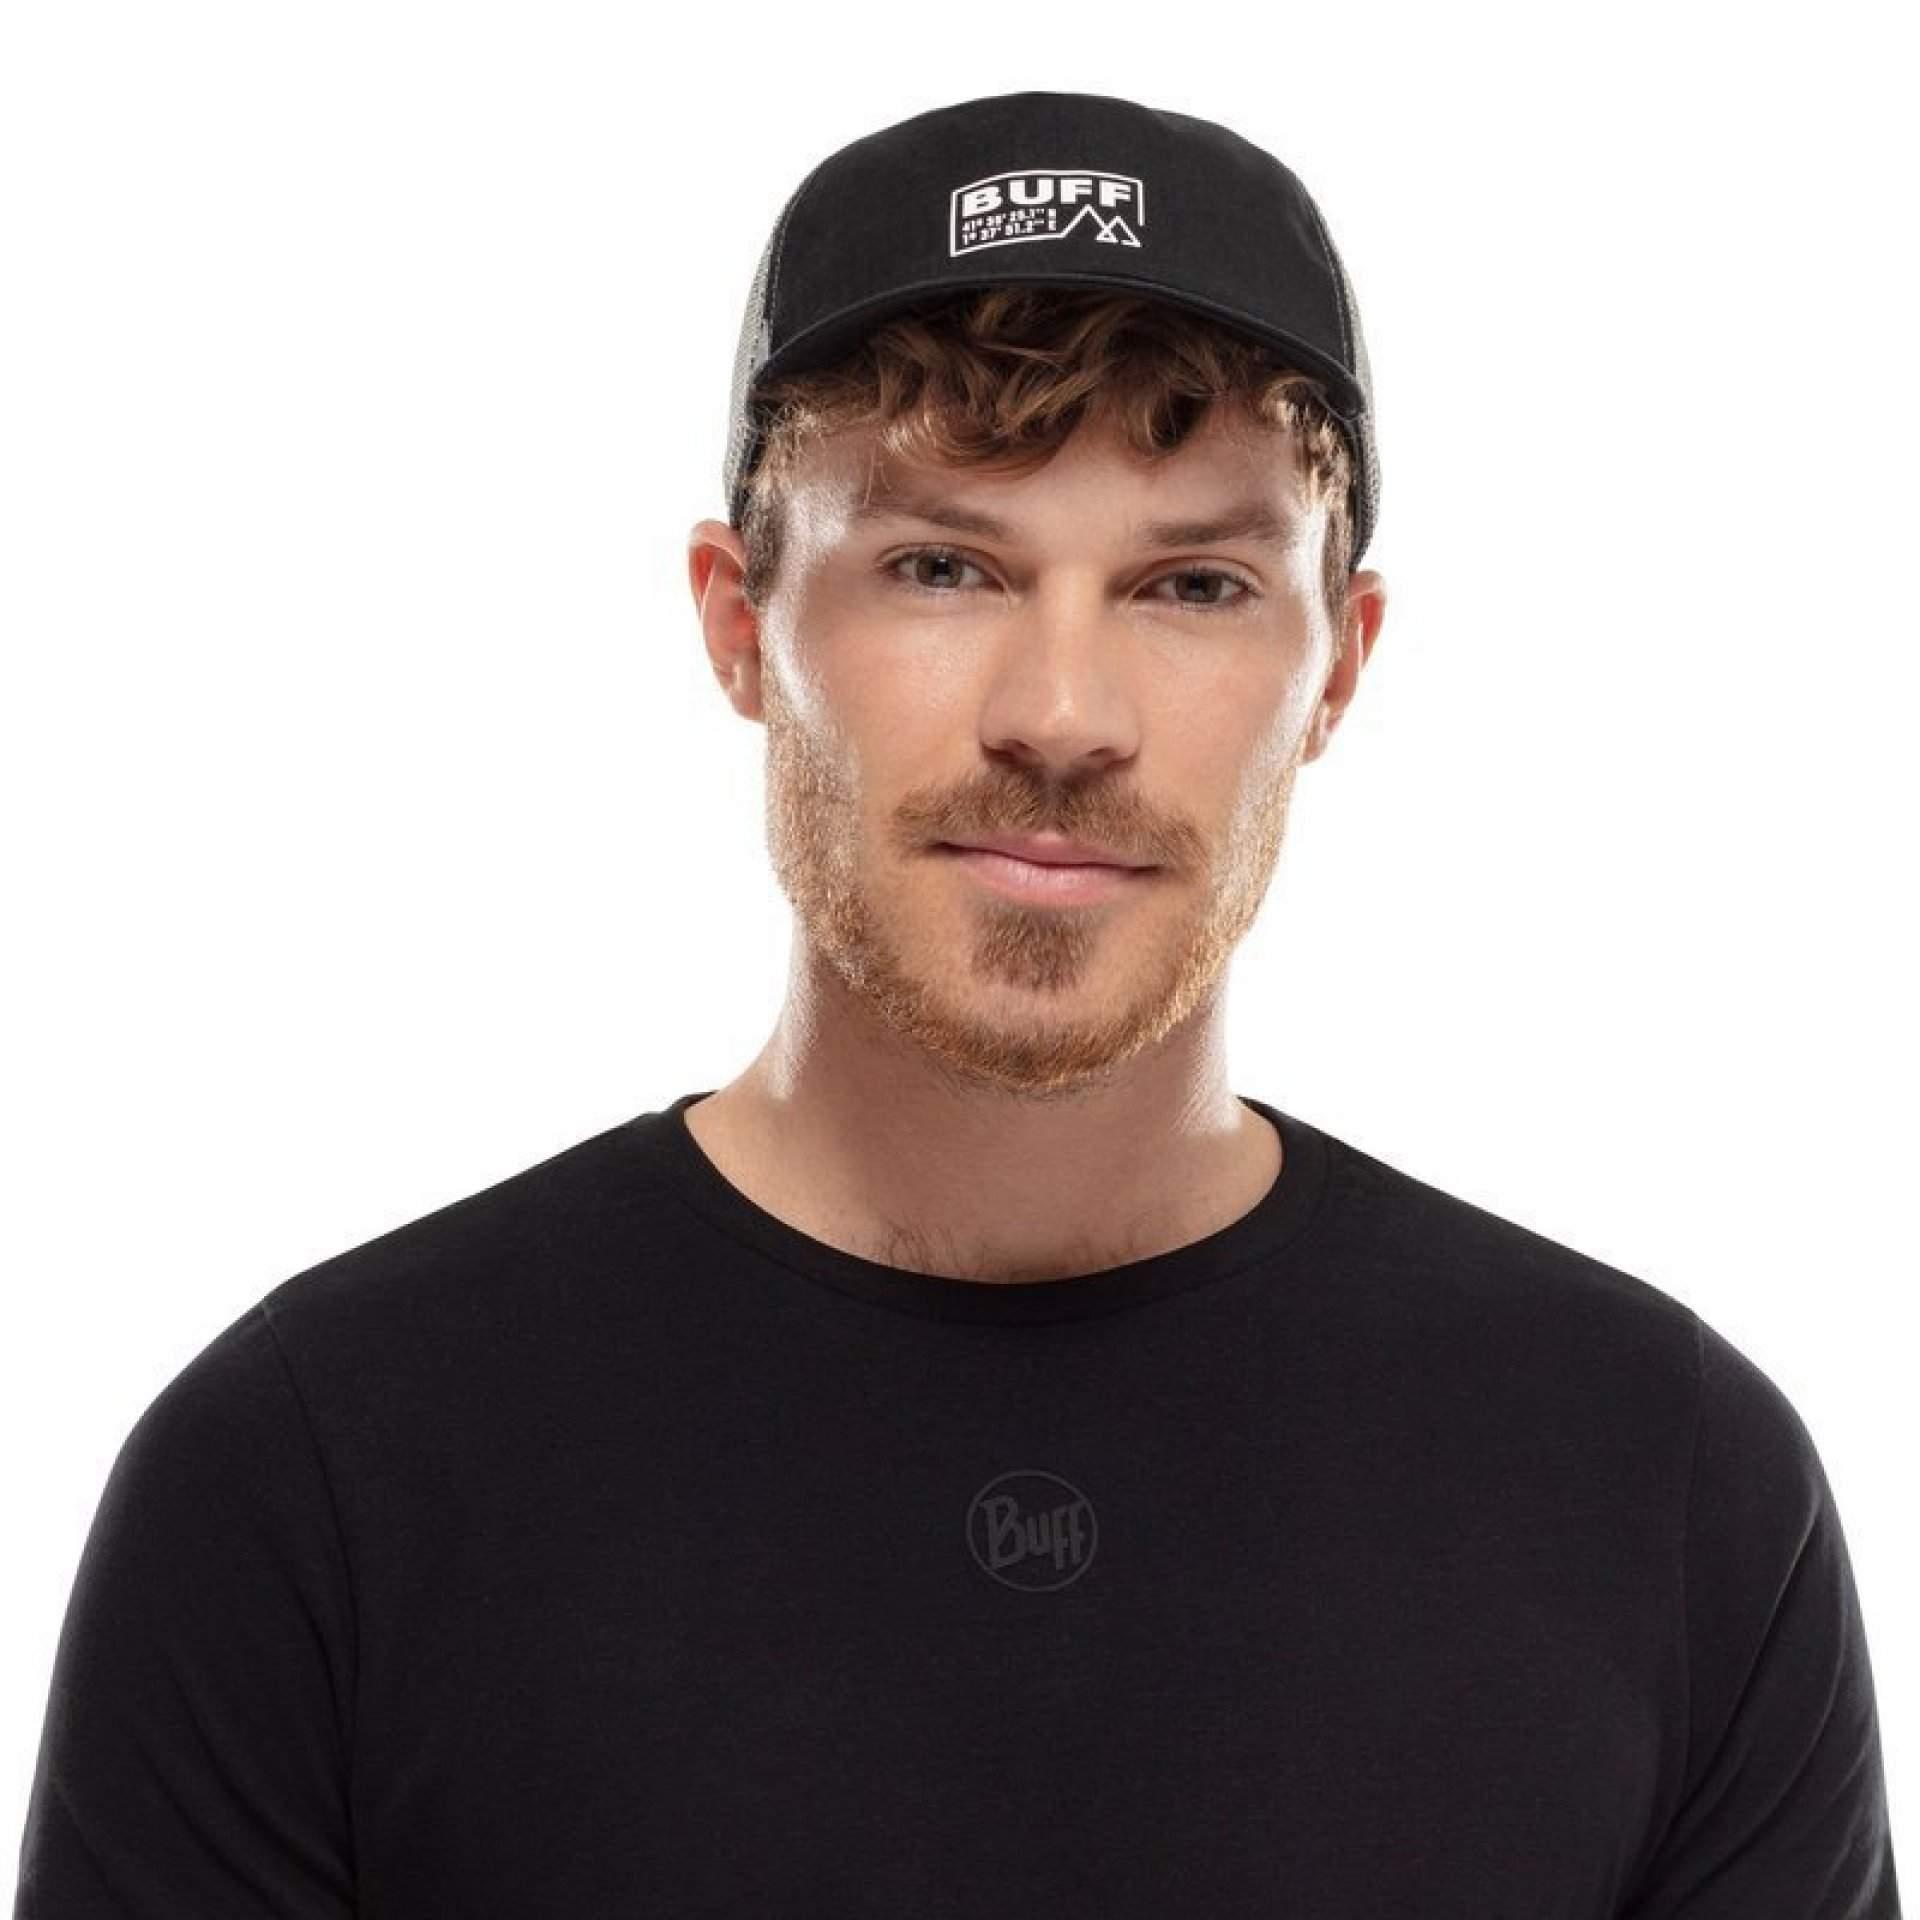 CZAPKA Z DASZKIEM BUFF PACK TRUCKER CAP SOLID BLACK NA MODELU